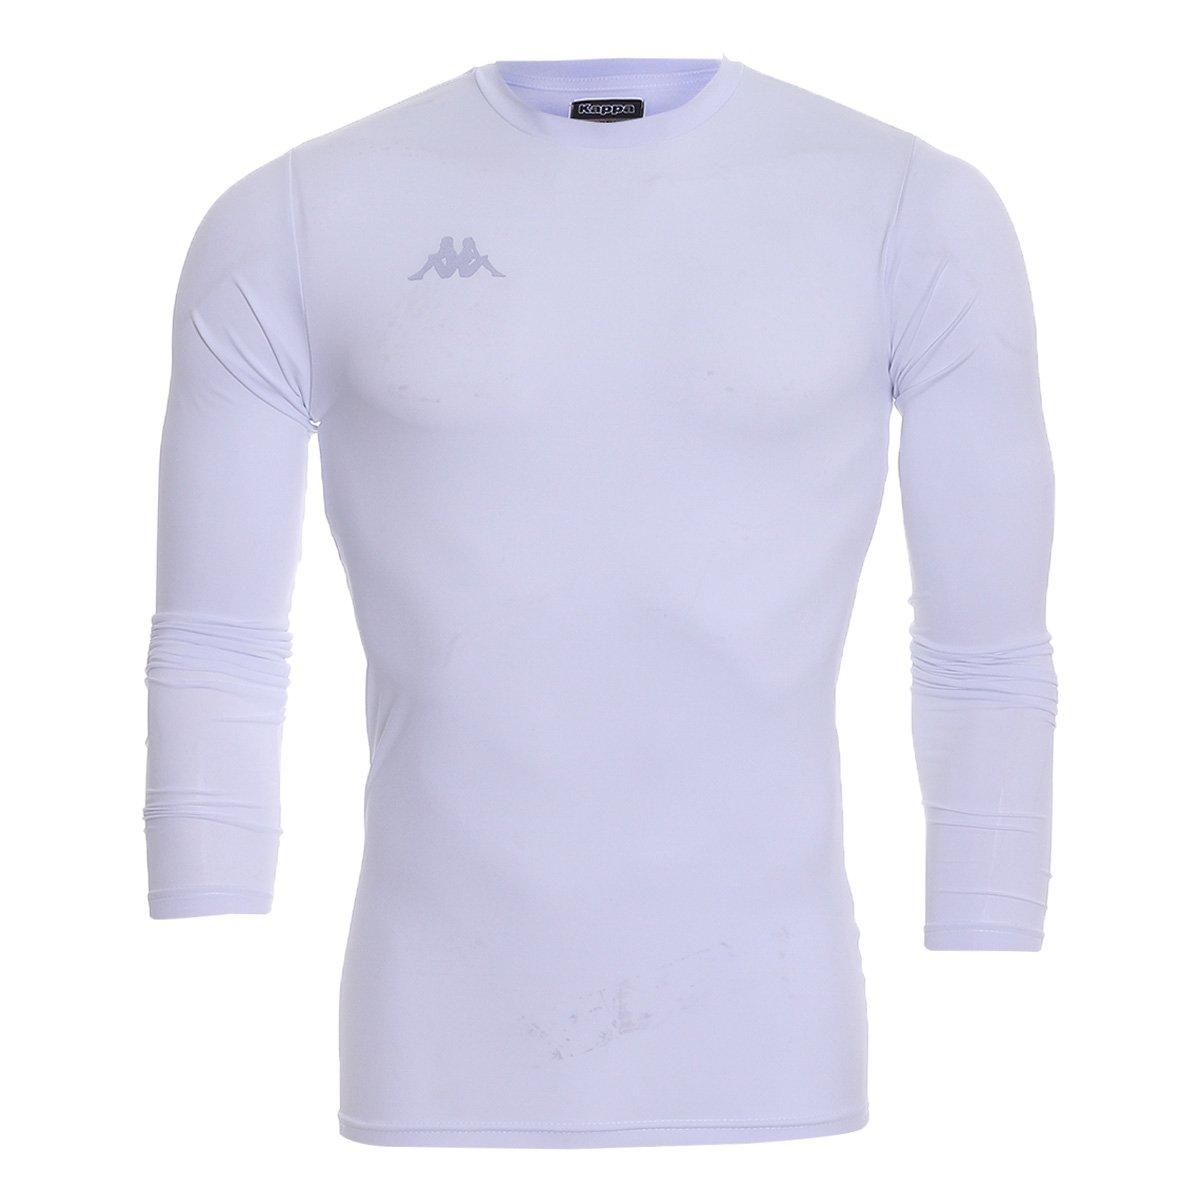 d1e3e741d8cfe Camiseta Manga Longa Térmica Kappa Grip - Compre Agora